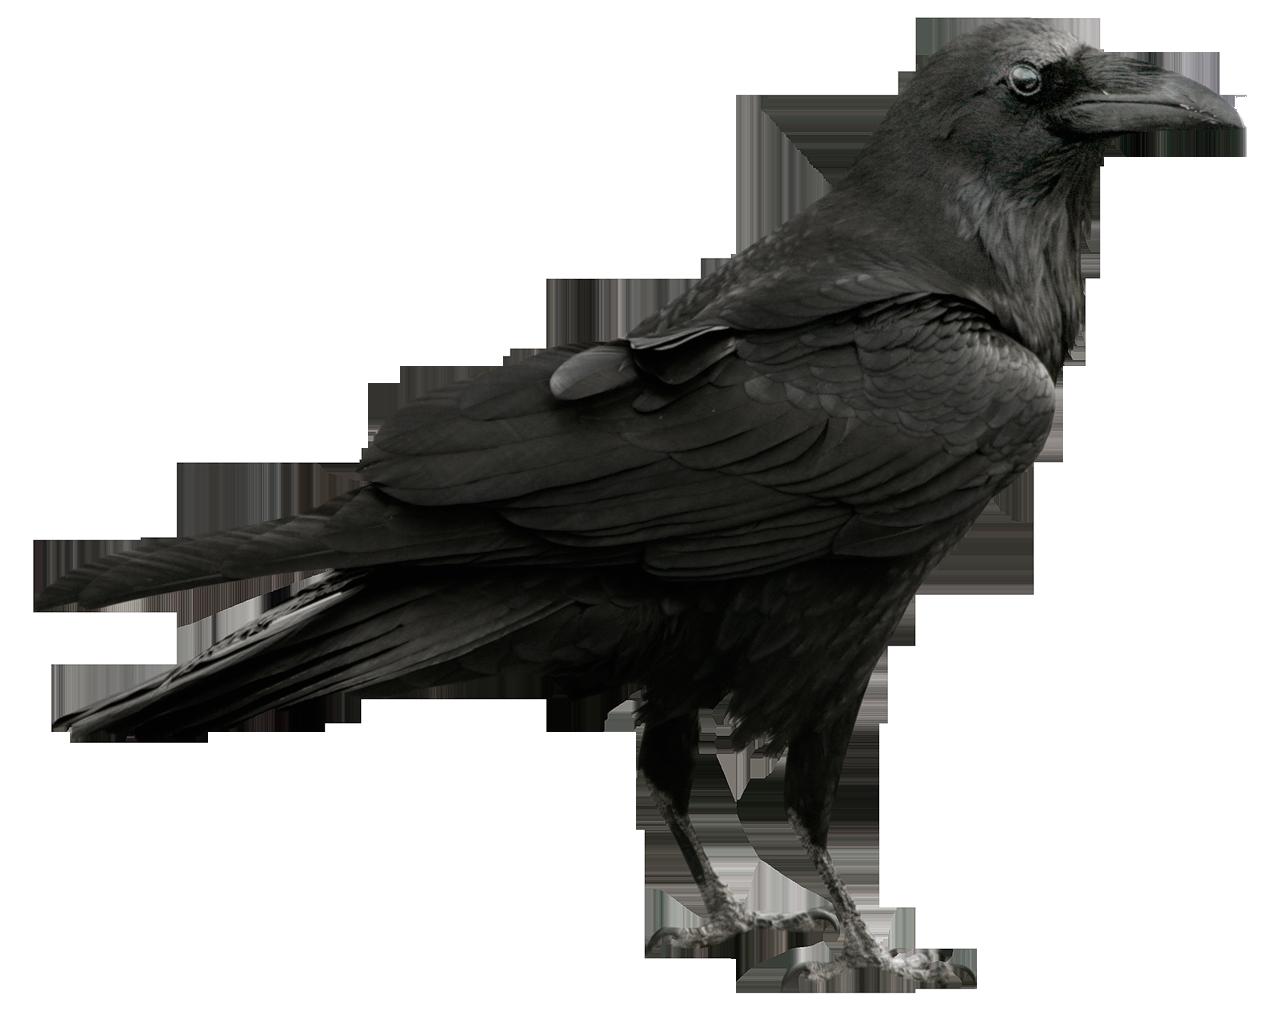 Ворон - птицы, животные, ворон